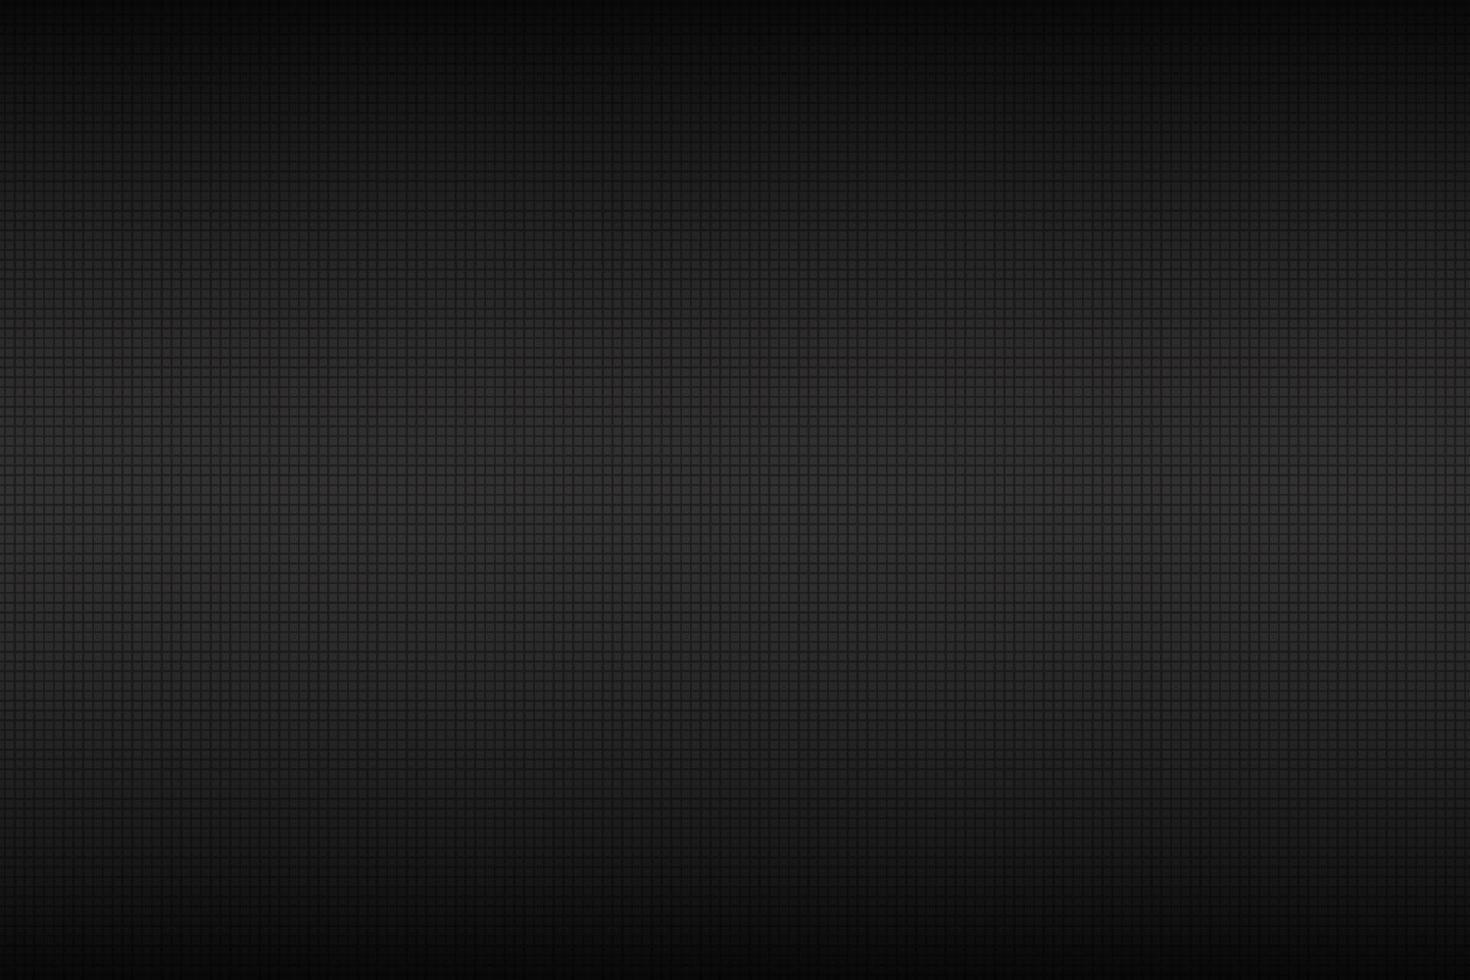 mörk svart och grå abstrakt bakgrund med svart rutnät. metallisk fyrkantig textur vektorillustration vektor